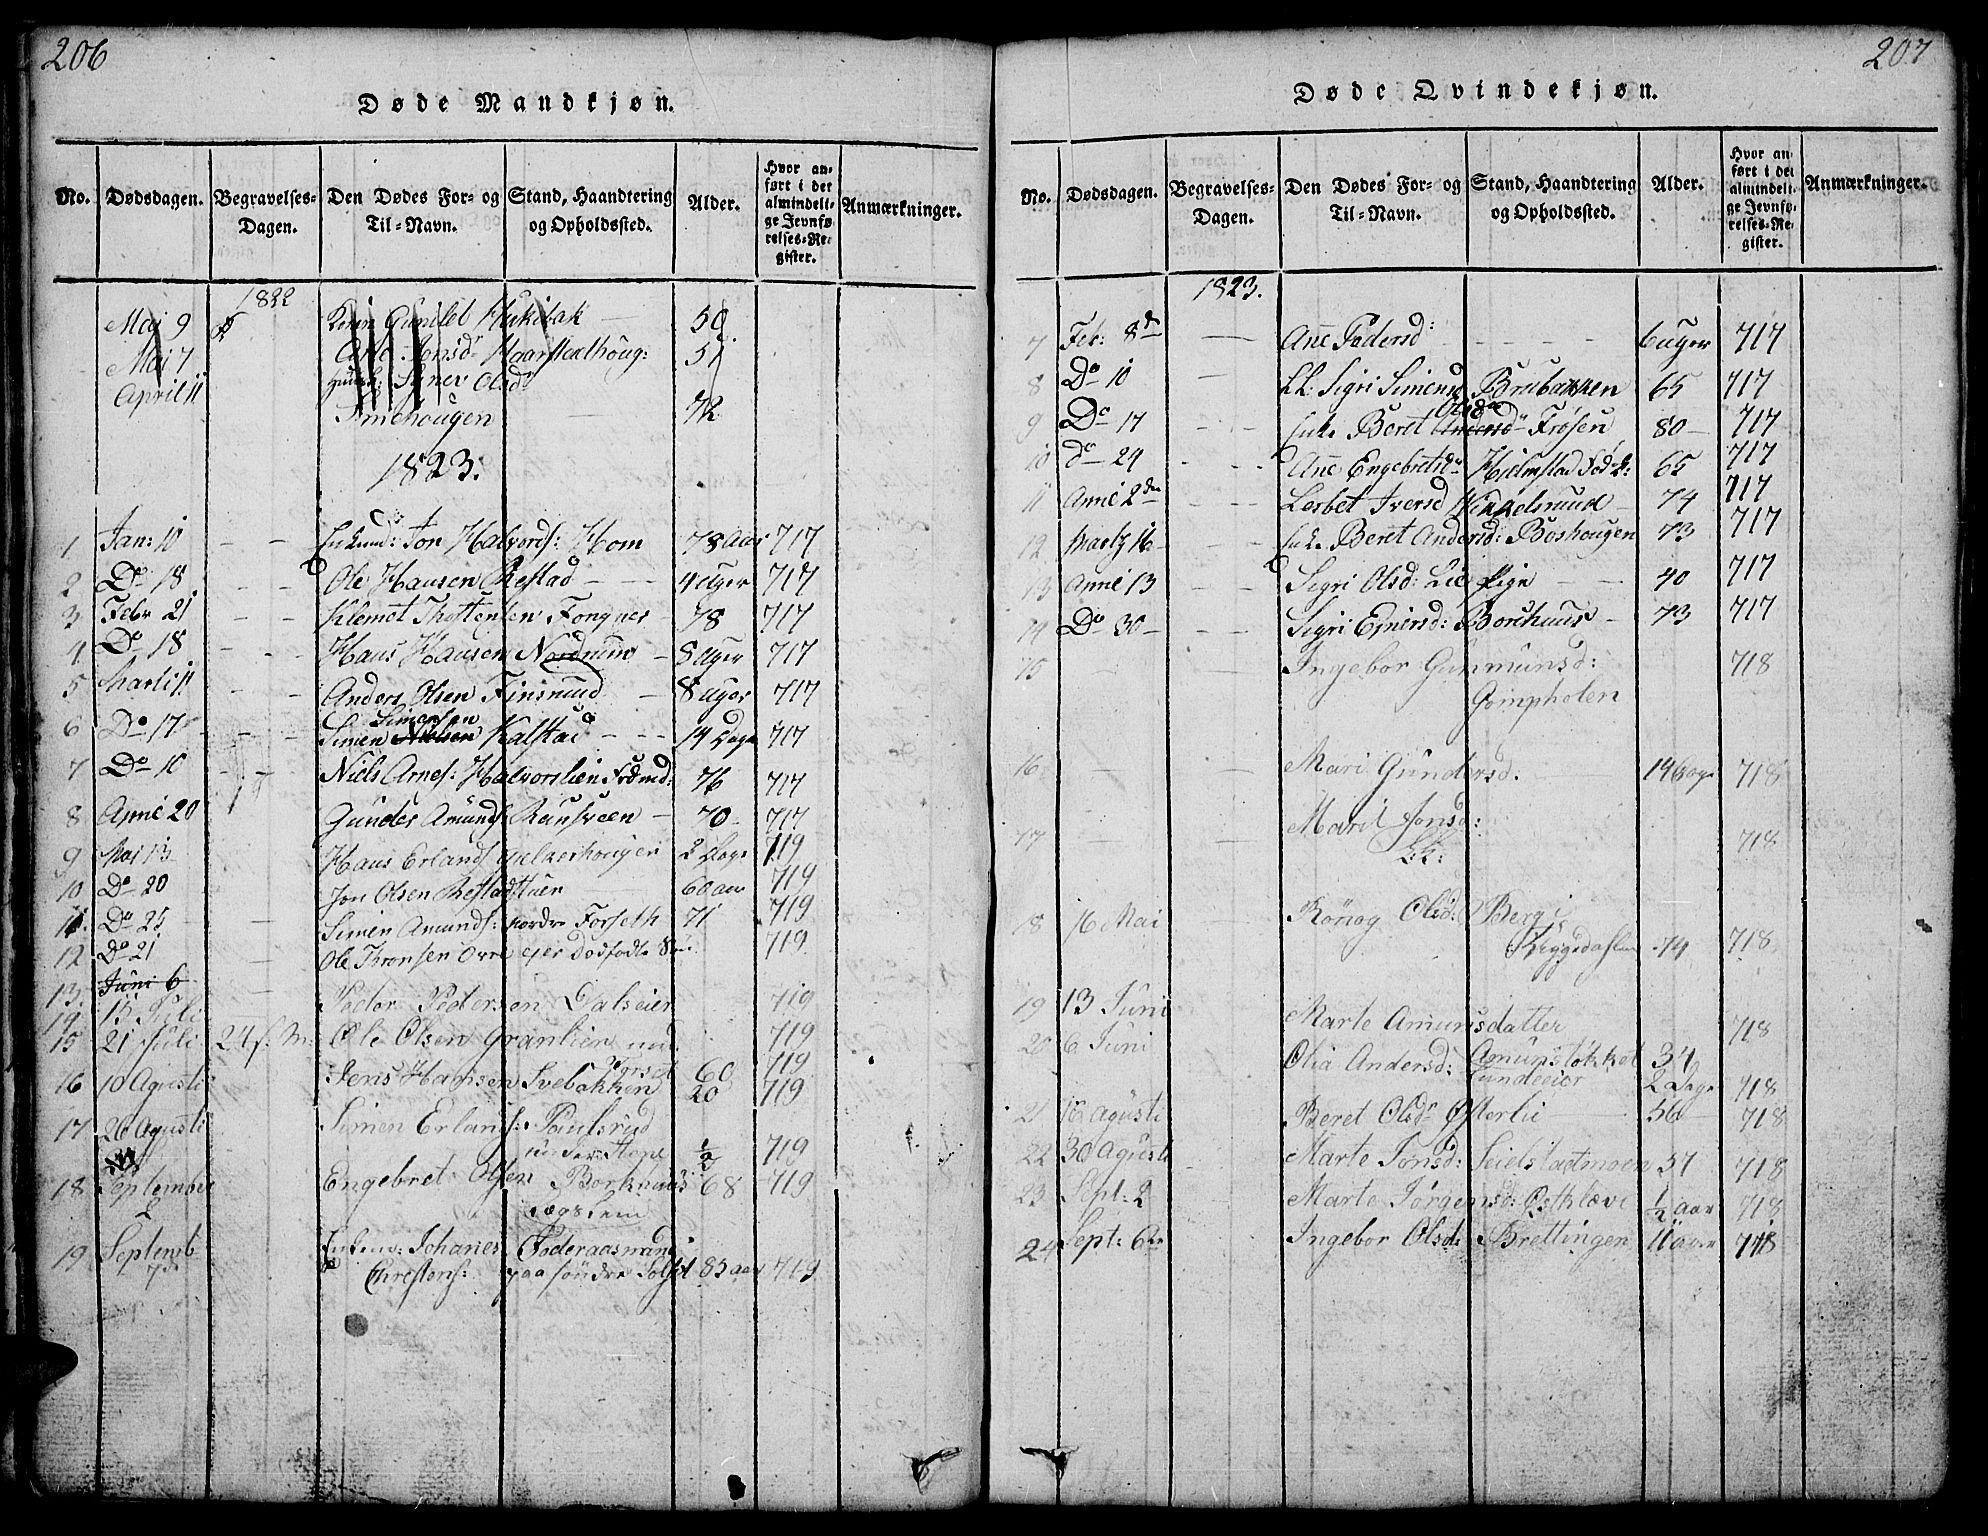 SAH, Gausdal prestekontor, Klokkerbok nr. 1, 1817-1848, s. 206-207